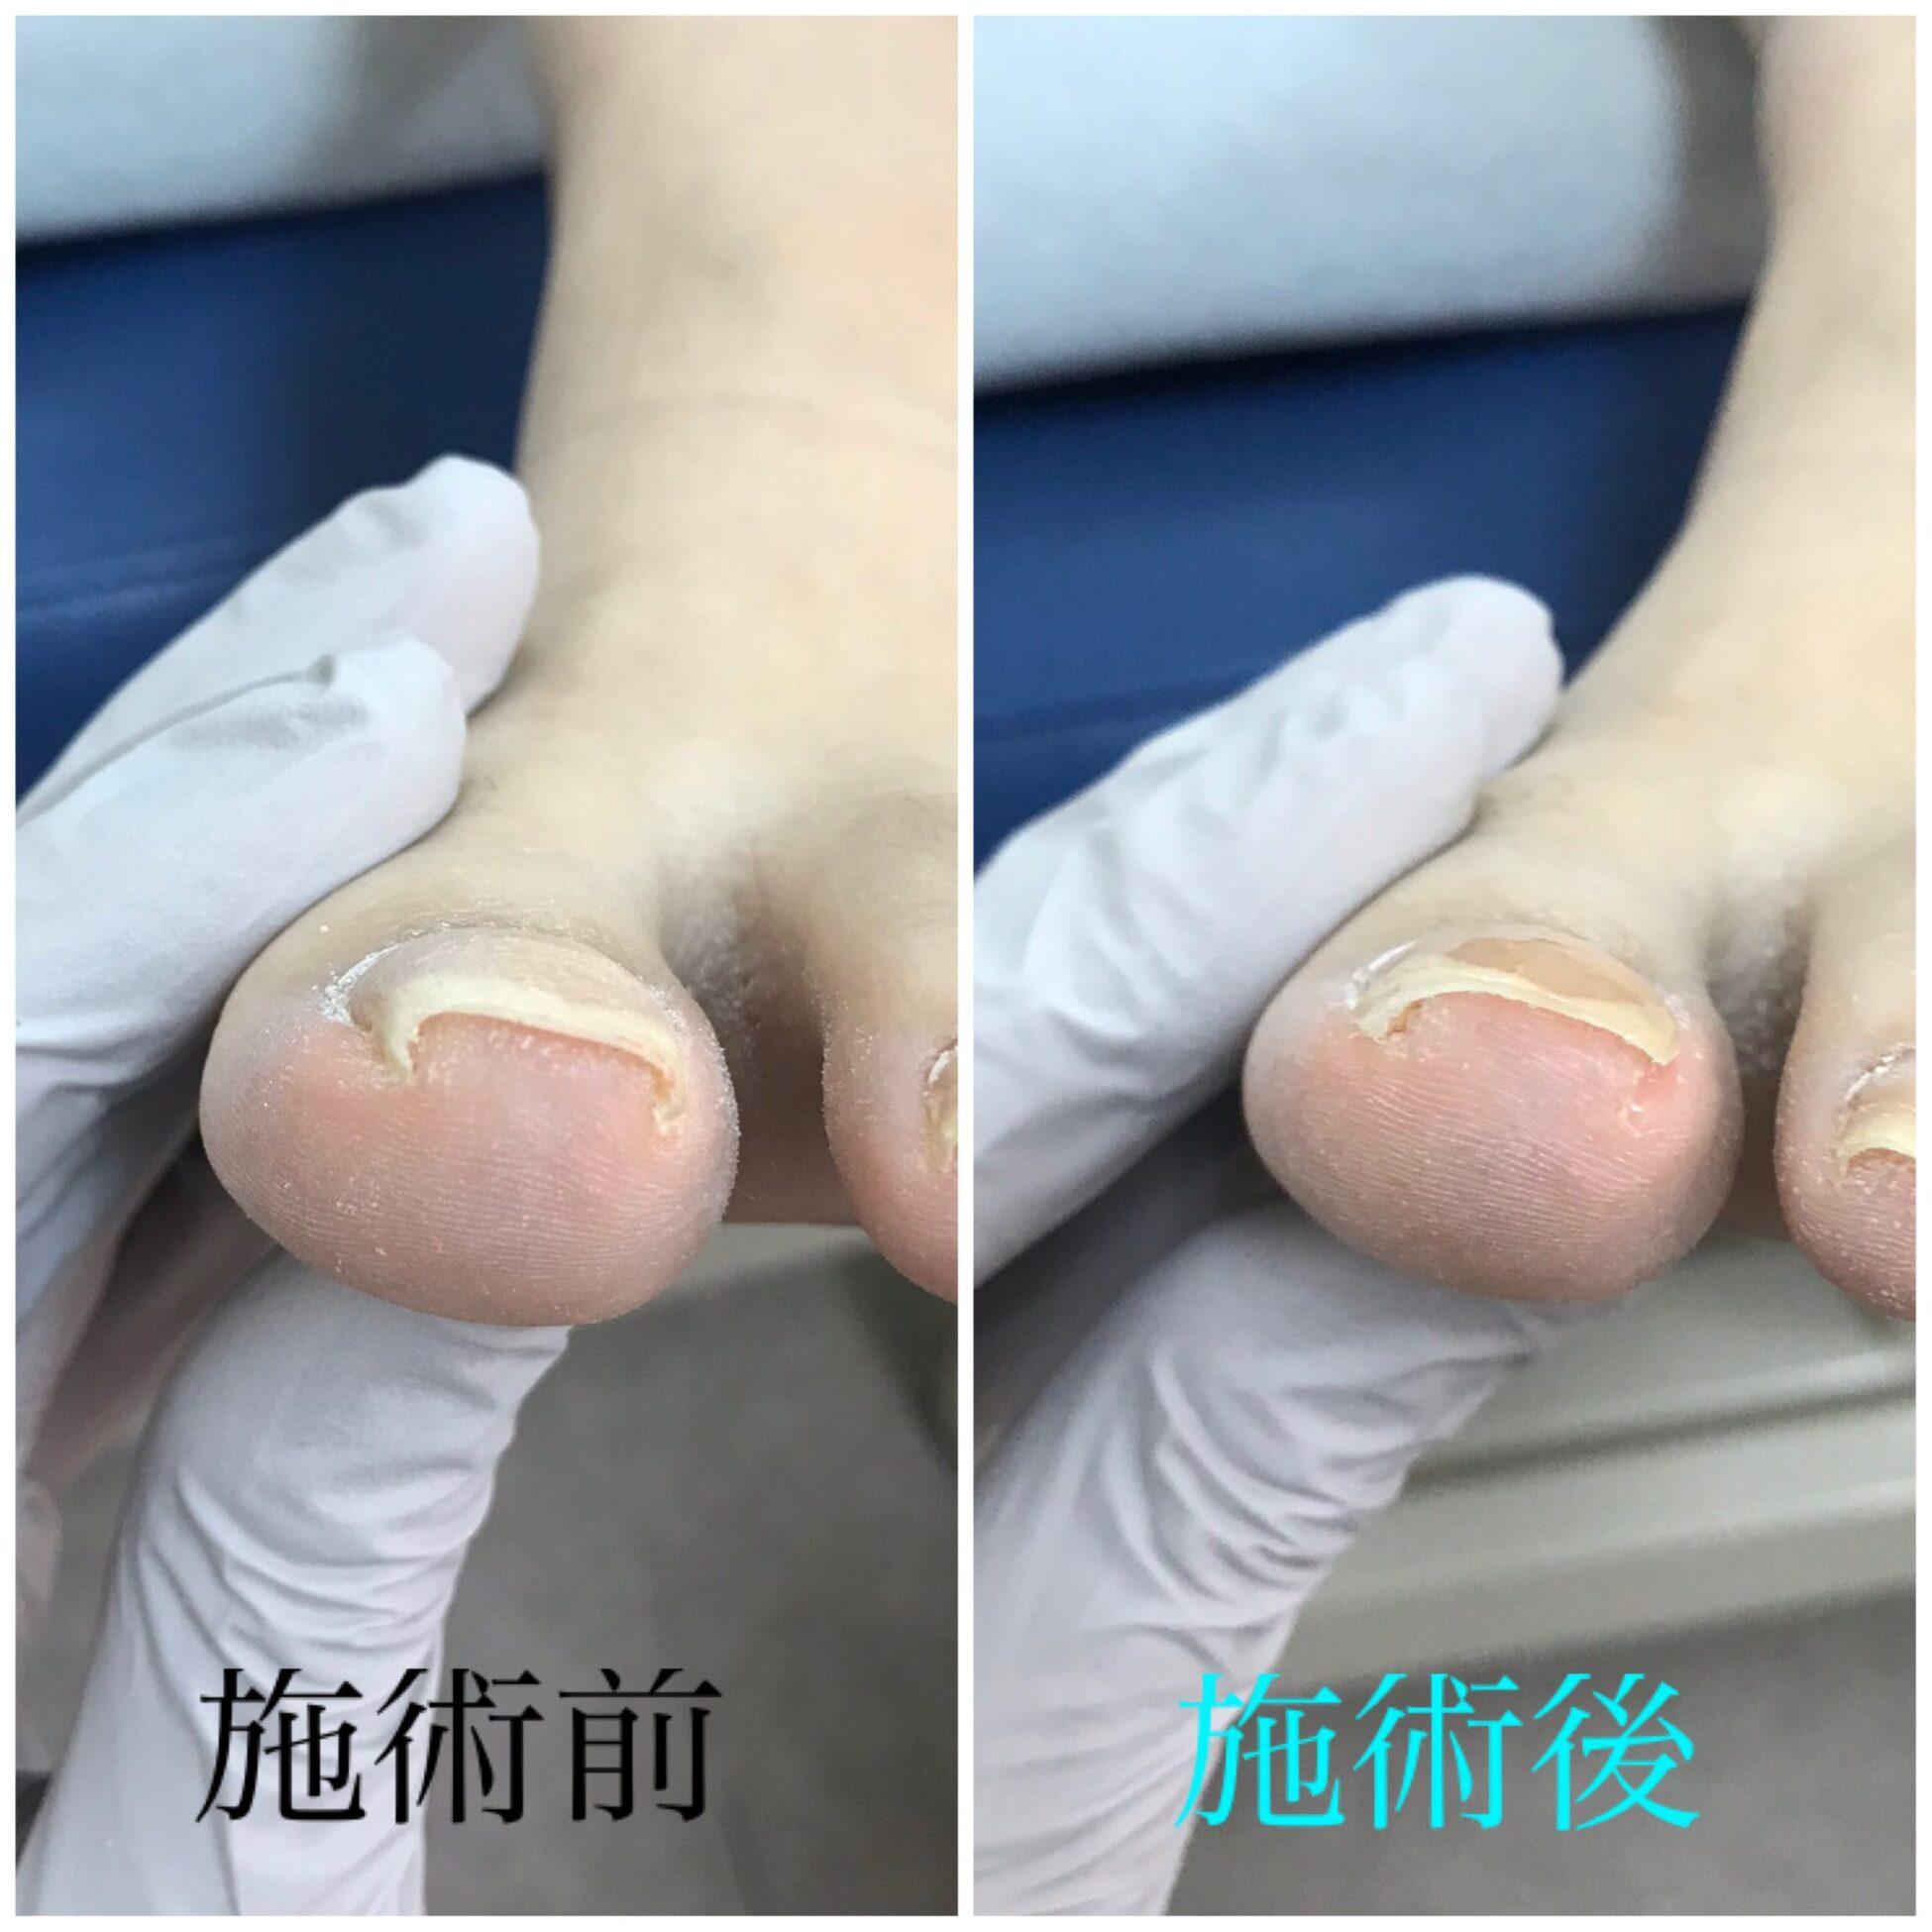 巻き爪症例紹介vol.5 ホッチキス型の巻き爪【金沢市巻き爪補正アルコット】